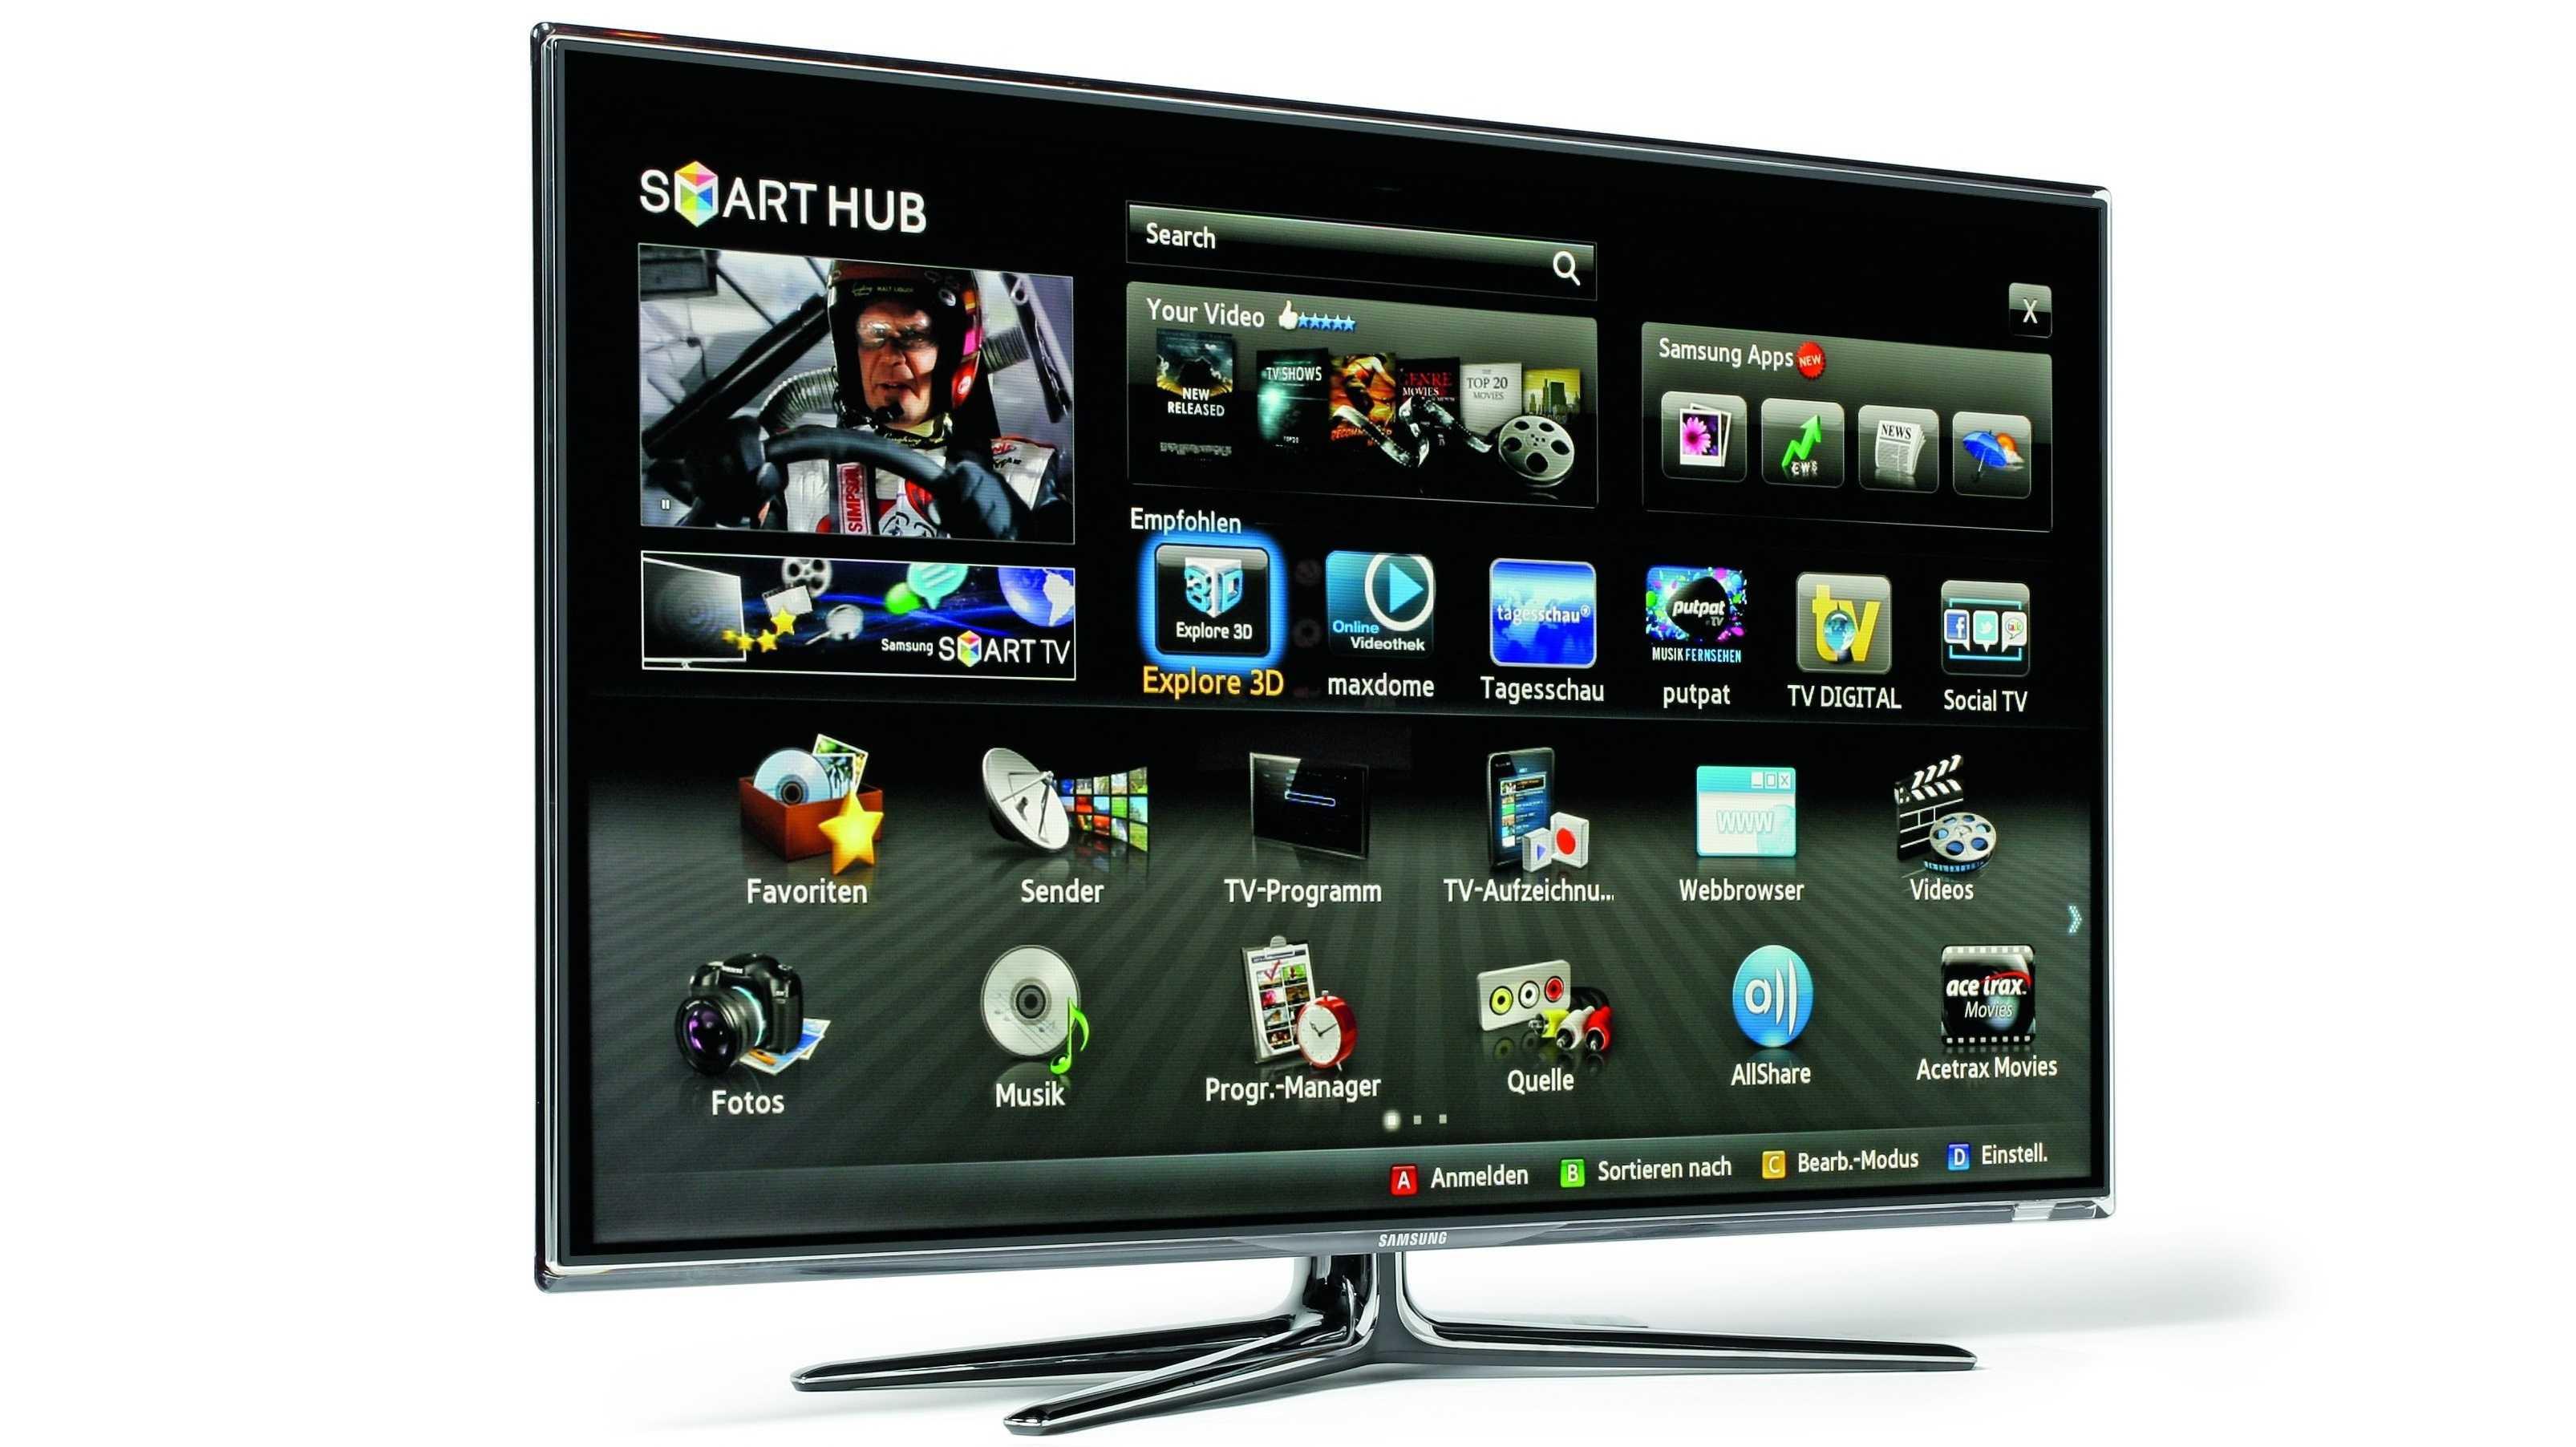 Samsung TV ganzgross db8f00a6b a9